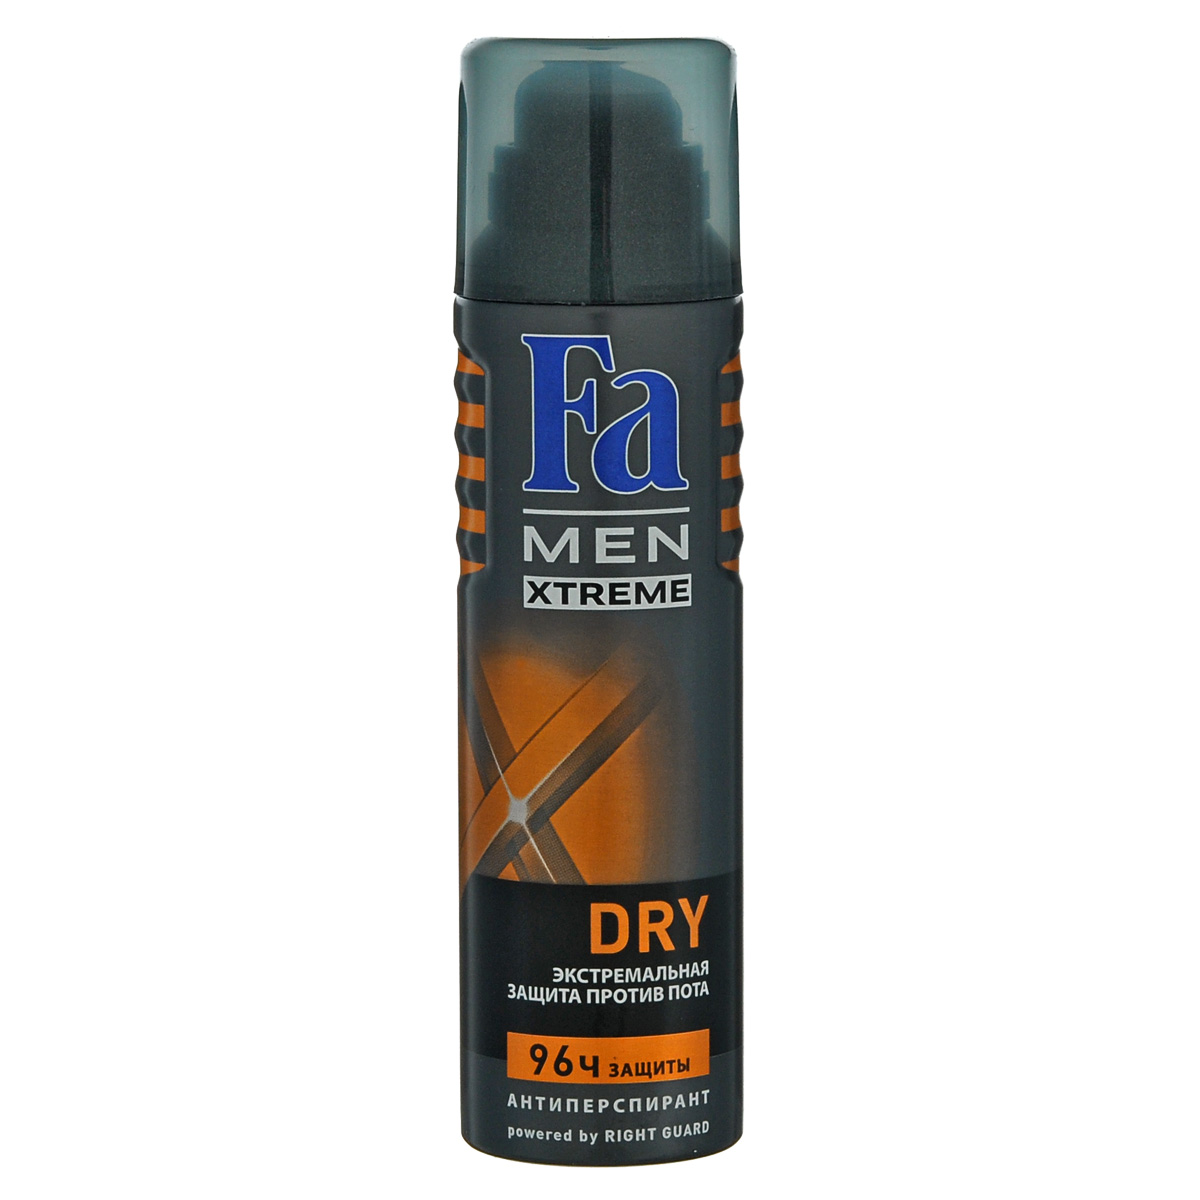 FA MEN Xtreme Дезодорант-аэрозоль Dry, 150 млFS-00897Fa MEN Xtreme Dry 96 ч – Экстремальная защита против потоотделения. Инновационная формула с технологией Sweat Detect борется с потом еще до его появления. Формула с микроабсорбентами и антибактериальными ионами серебра. 0 % спирта. Также почувствуйте притягательную свежесть, принимая душ с гелем для душа Fa Men.